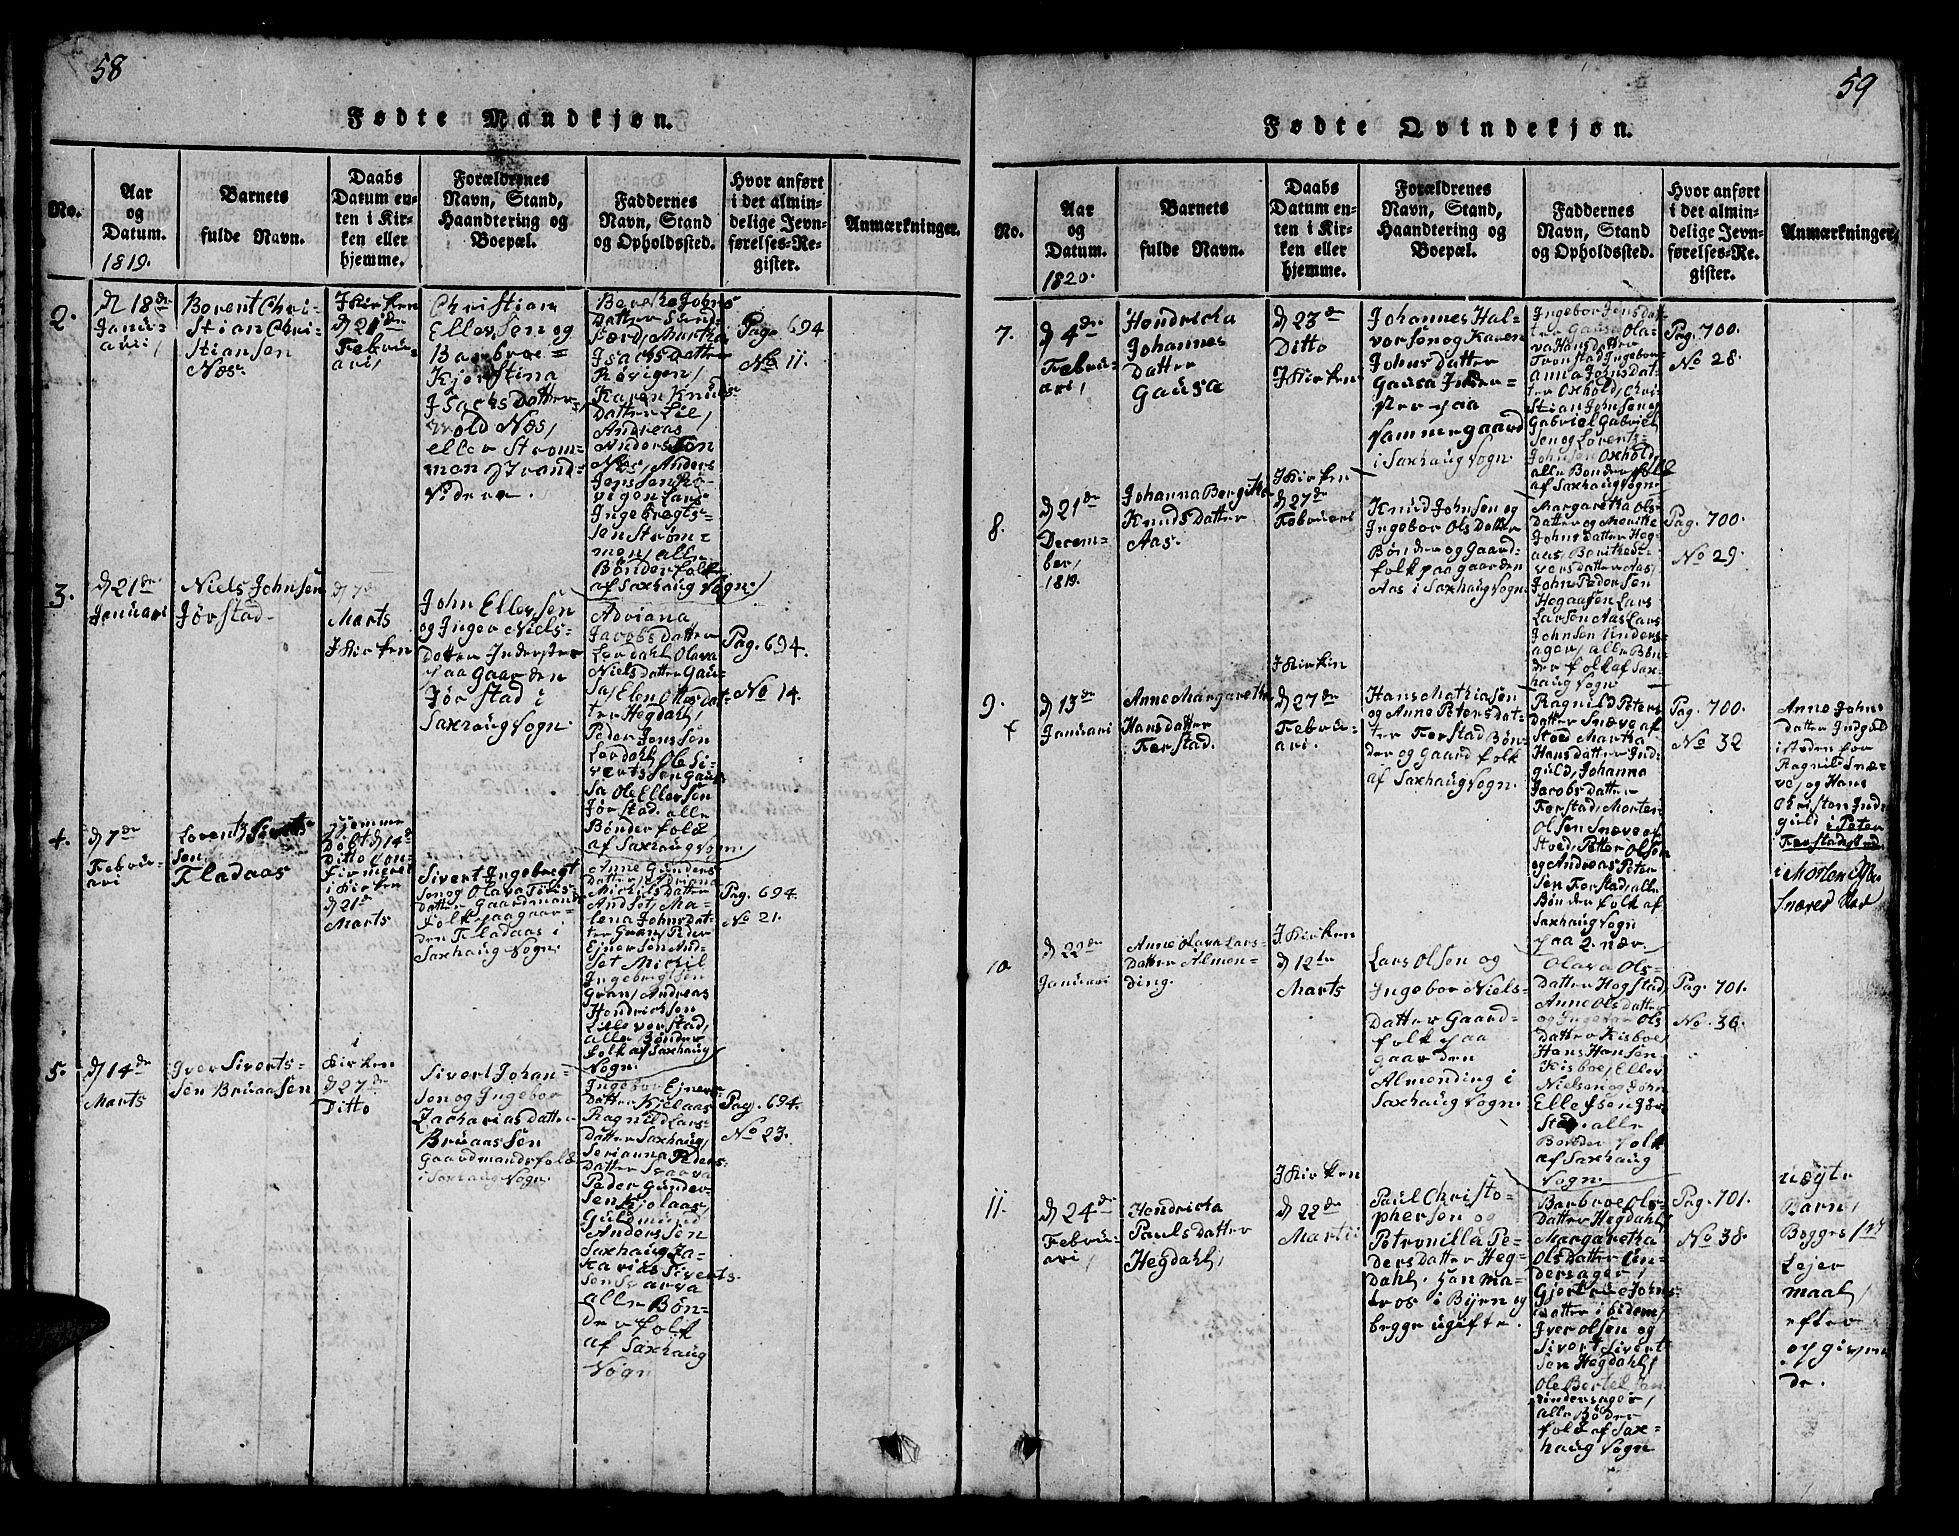 SAT, Ministerialprotokoller, klokkerbøker og fødselsregistre - Nord-Trøndelag, 730/L0298: Klokkerbok nr. 730C01, 1816-1849, s. 58-59